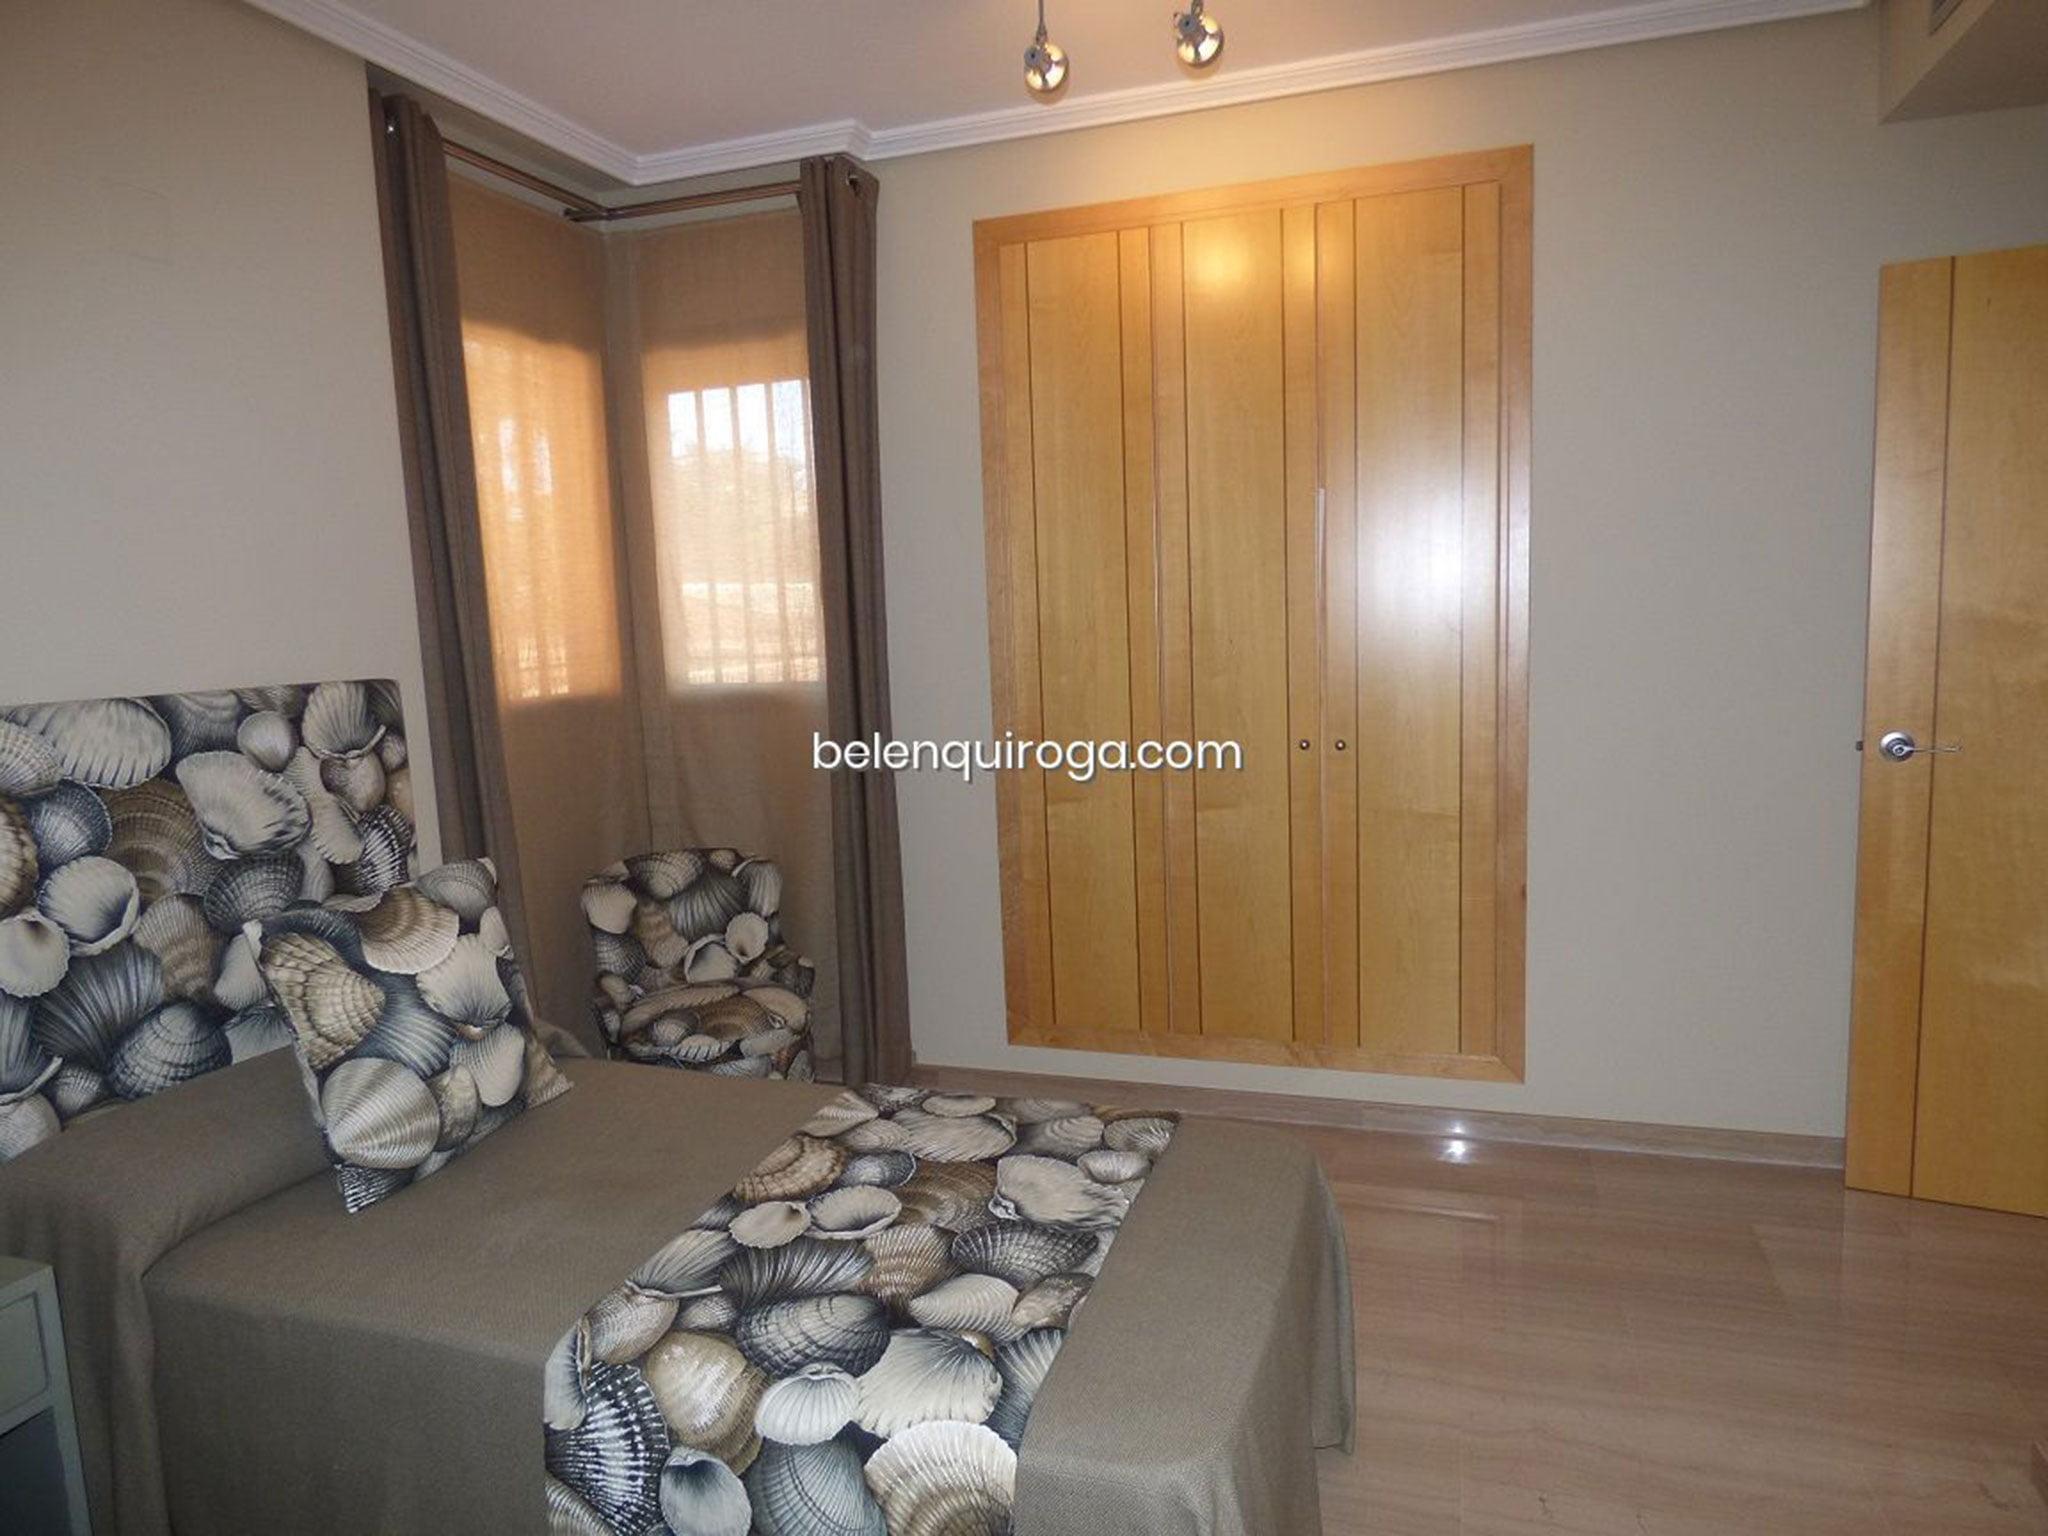 Una de las tres habitaciones de un adosado en venta en Jávea – Inmobiliaria Belen Quiroga